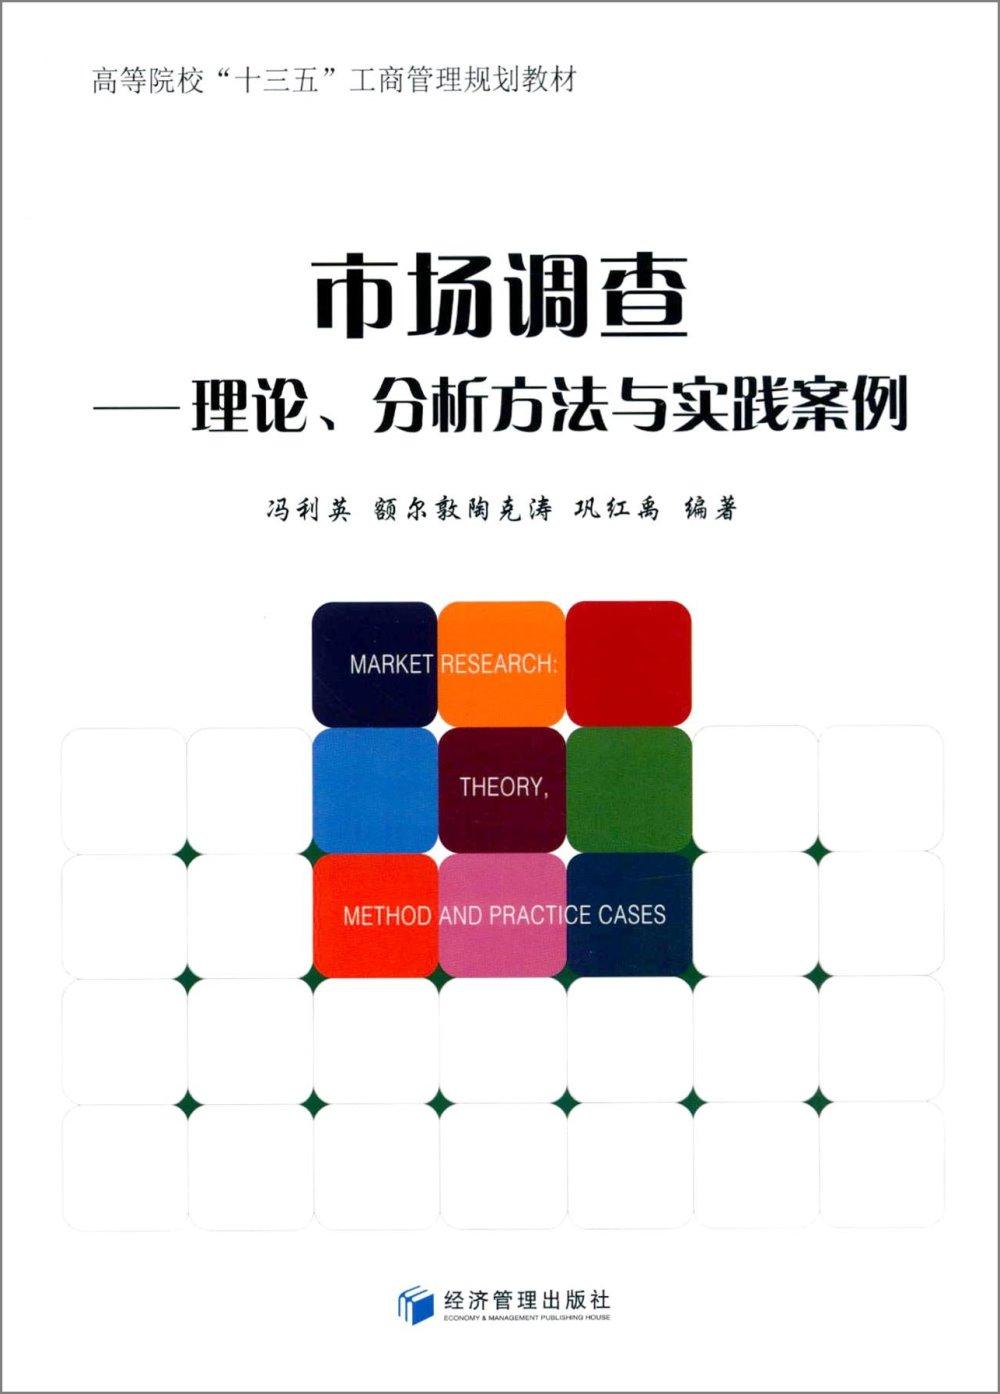 市場調查--理論、分析方法與實踐案例